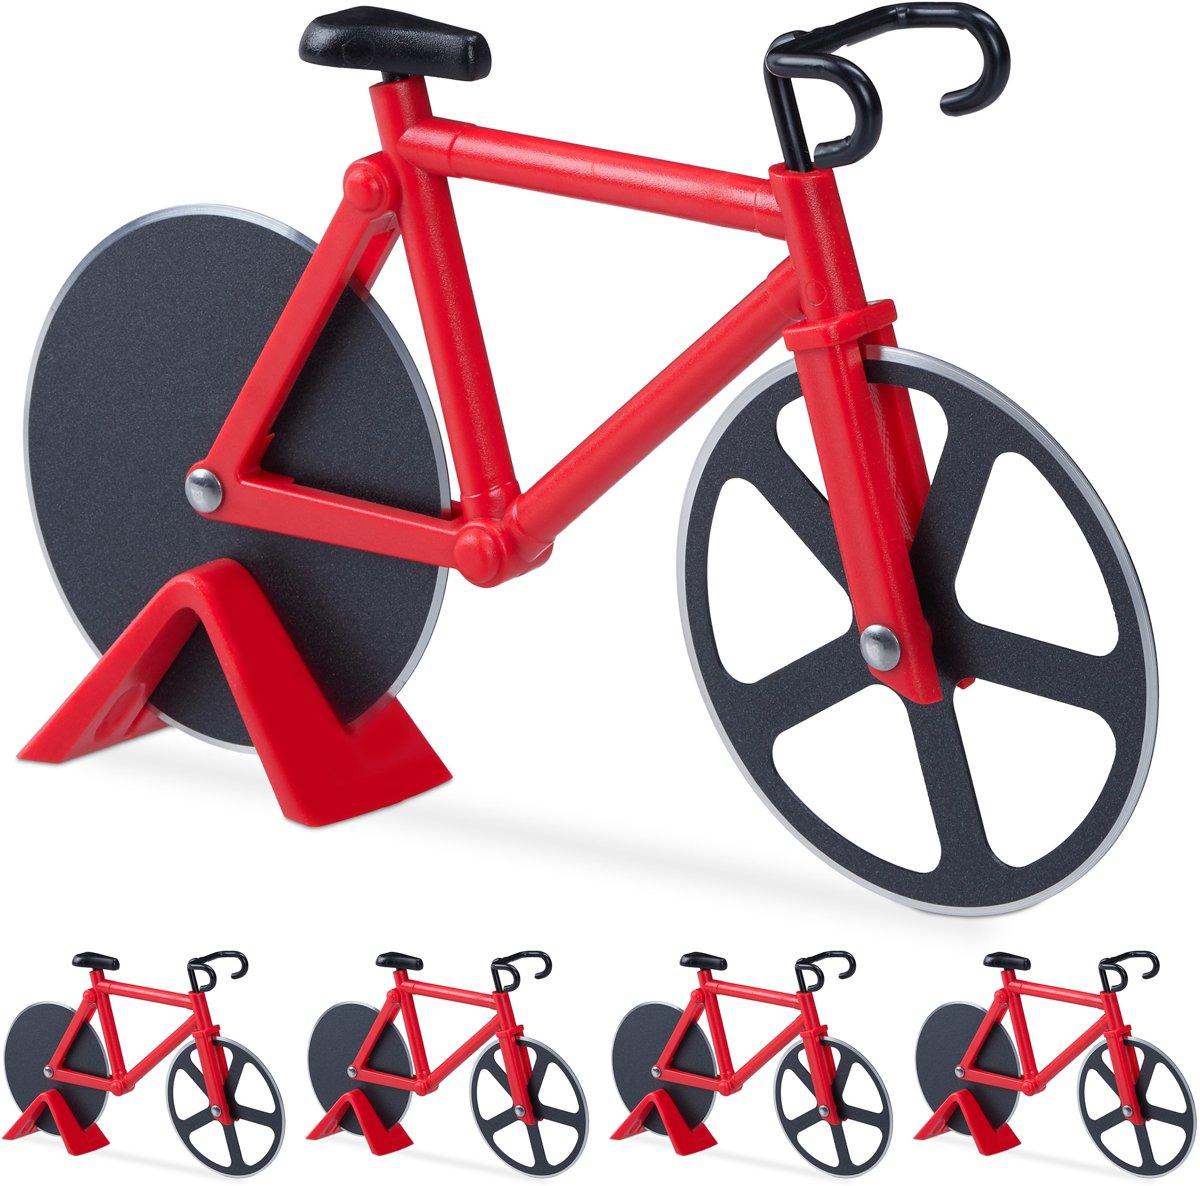 relaxdays 5 x pizzasnijder fiets - pizzames racefiets - pizzaroller - deegroller - rood kopen